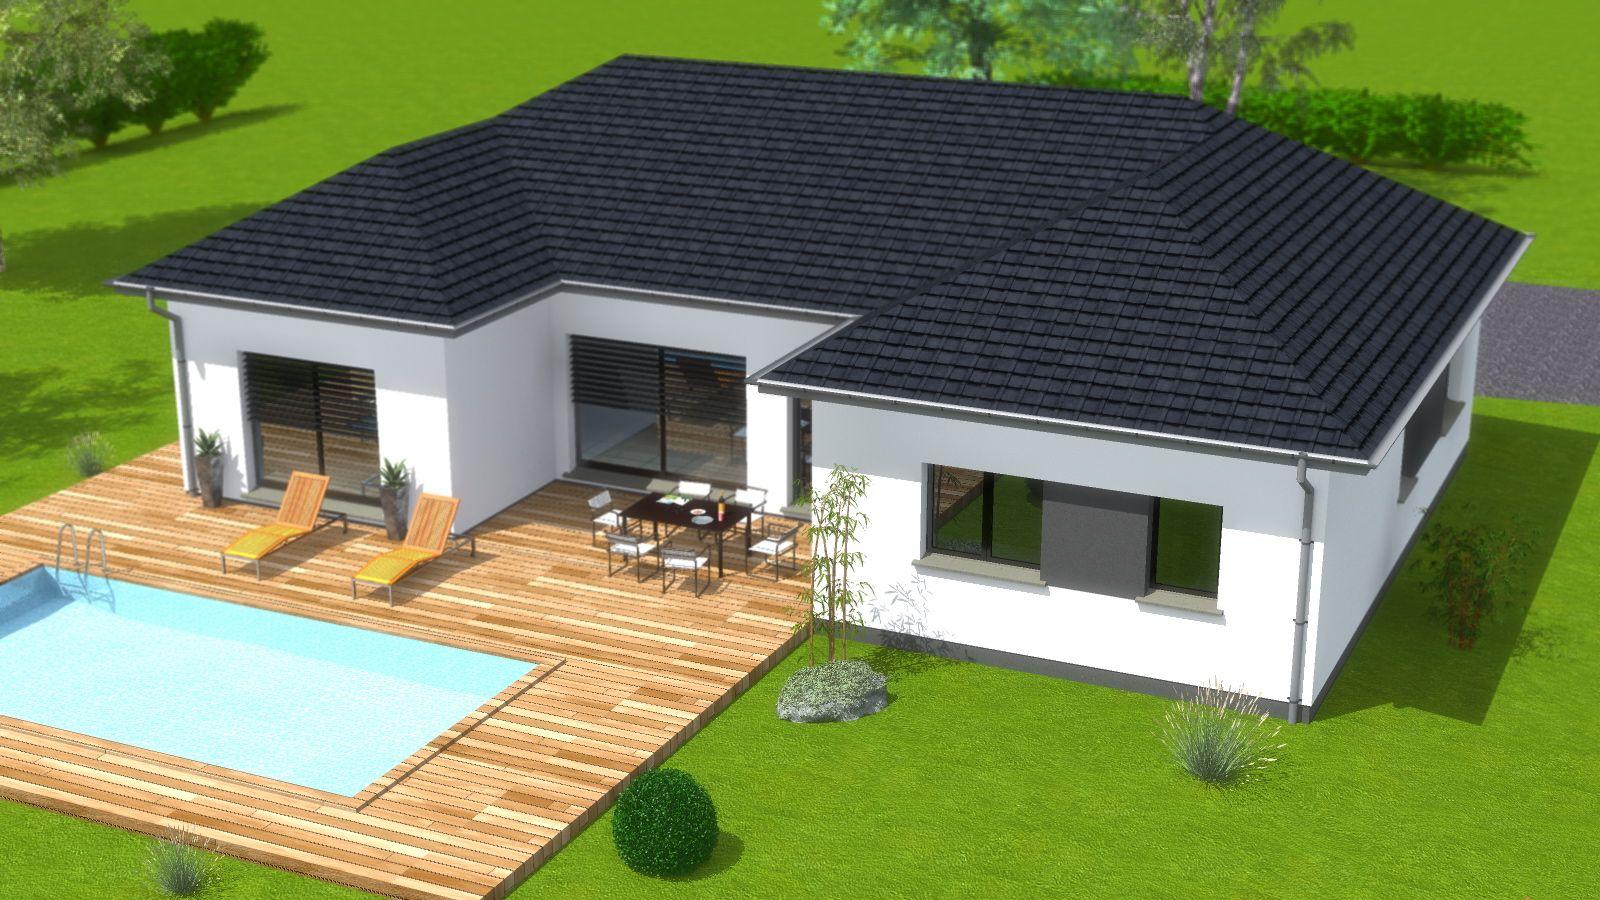 Constructeur Maison En Bois Loir Et Cher maison plein pied | maison plain pied, maison, construction